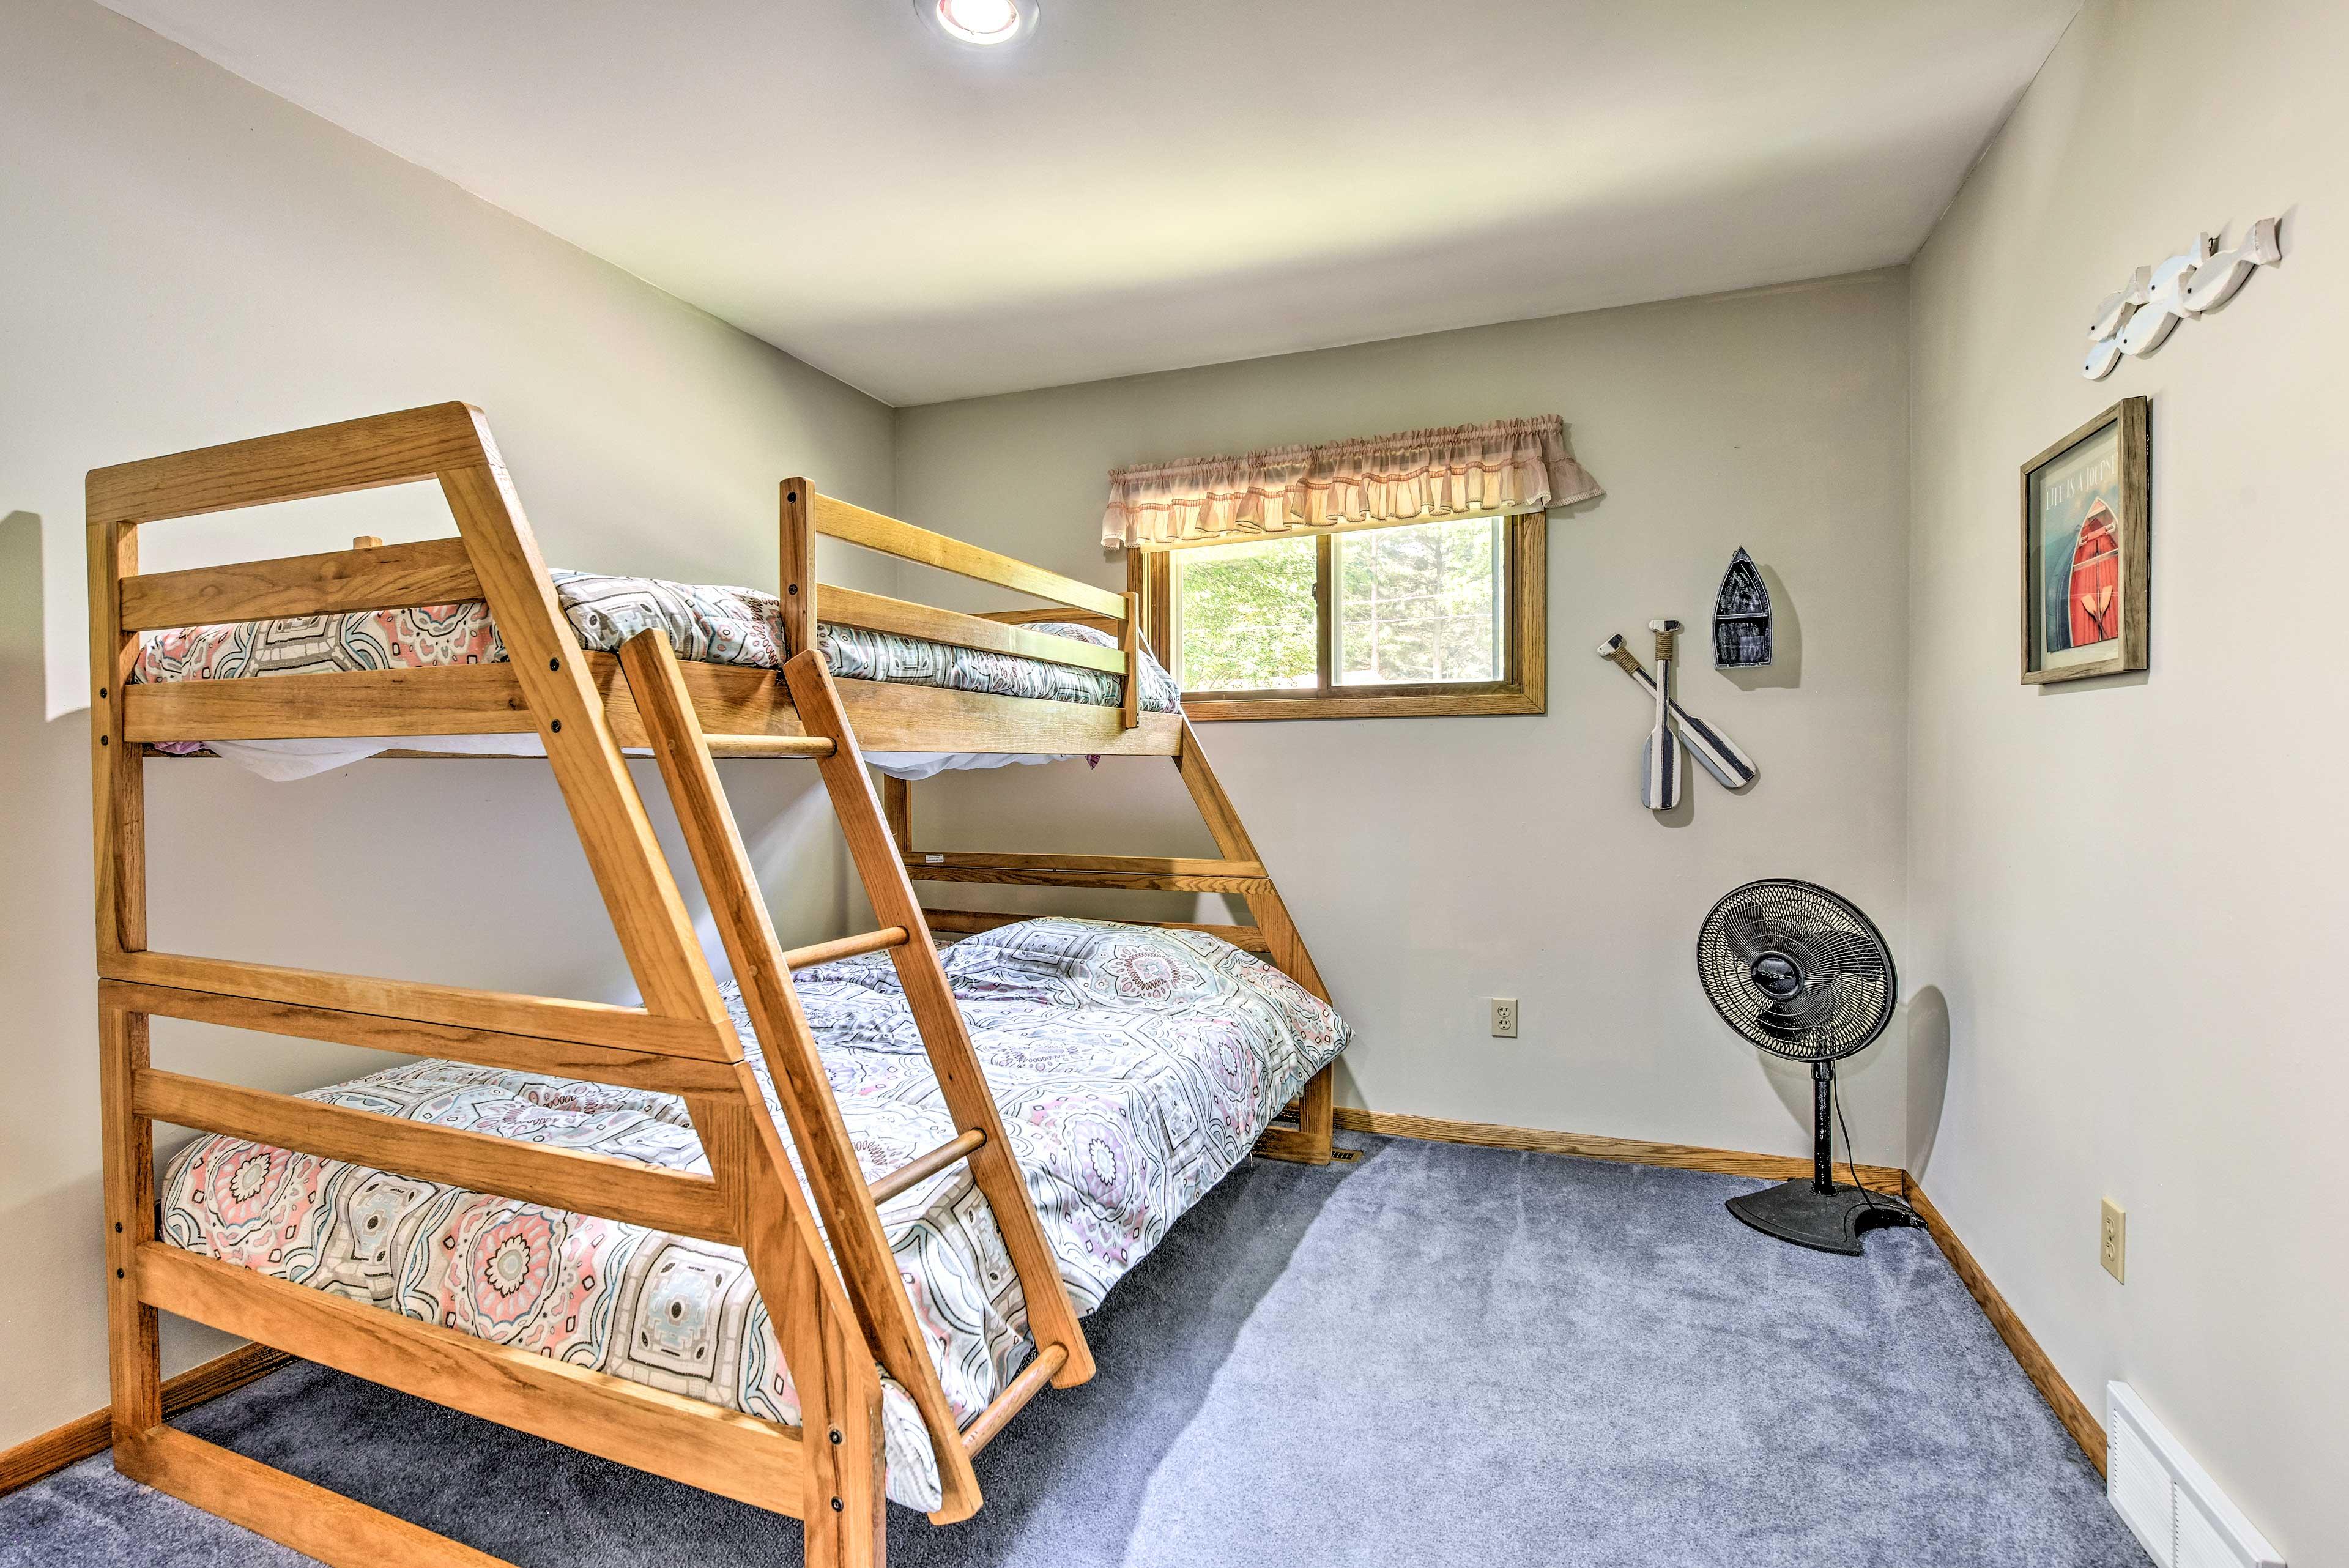 This room sleeps 3.